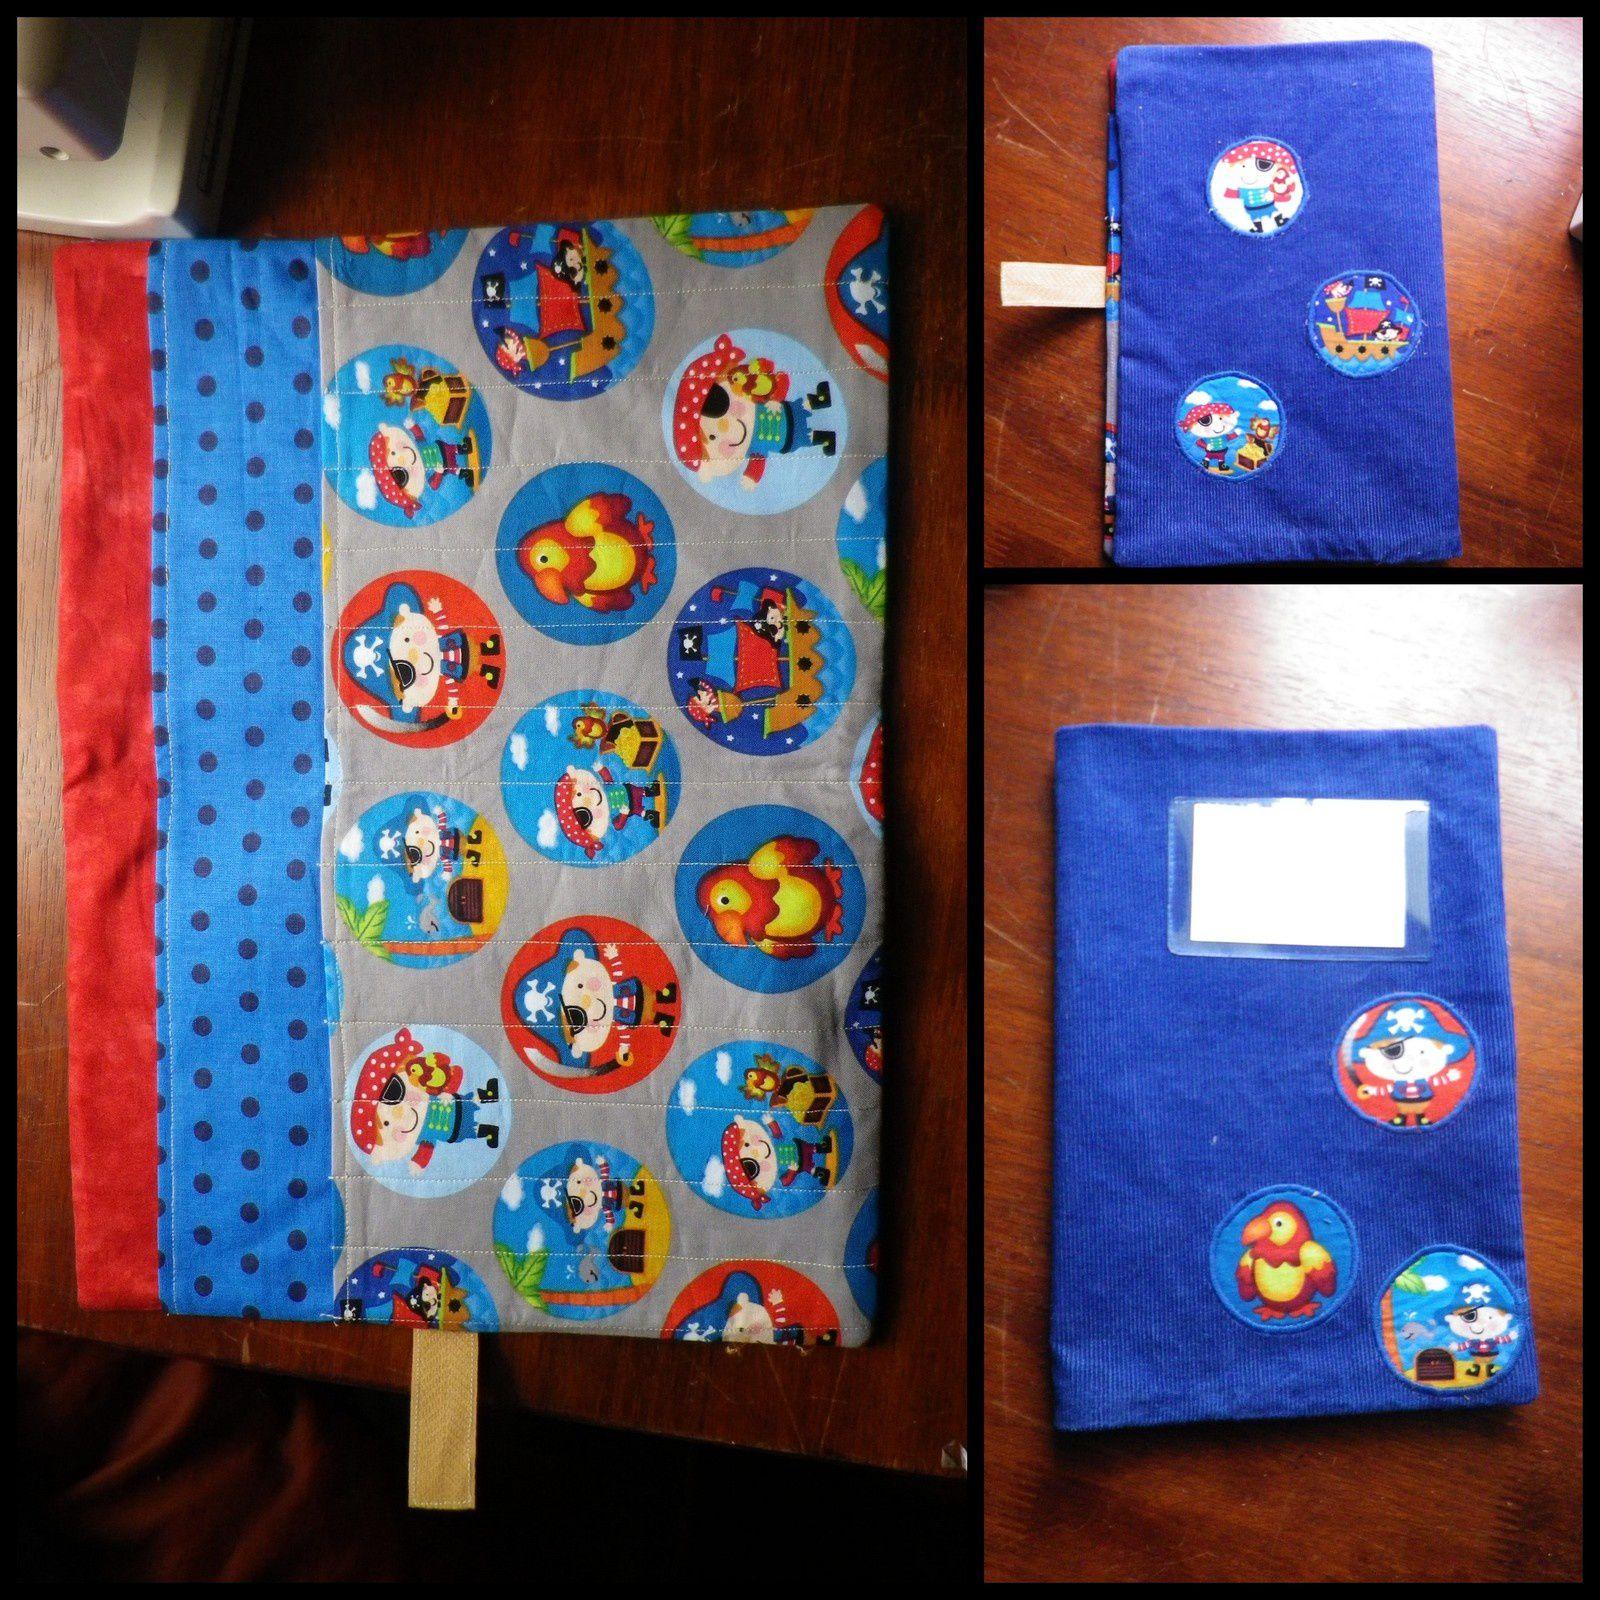 Version pirate pour mon neveu Axel (extérieur en velours milleraies bleu roi, et tissus thème pirate de la mercerie à côté de chez moi)